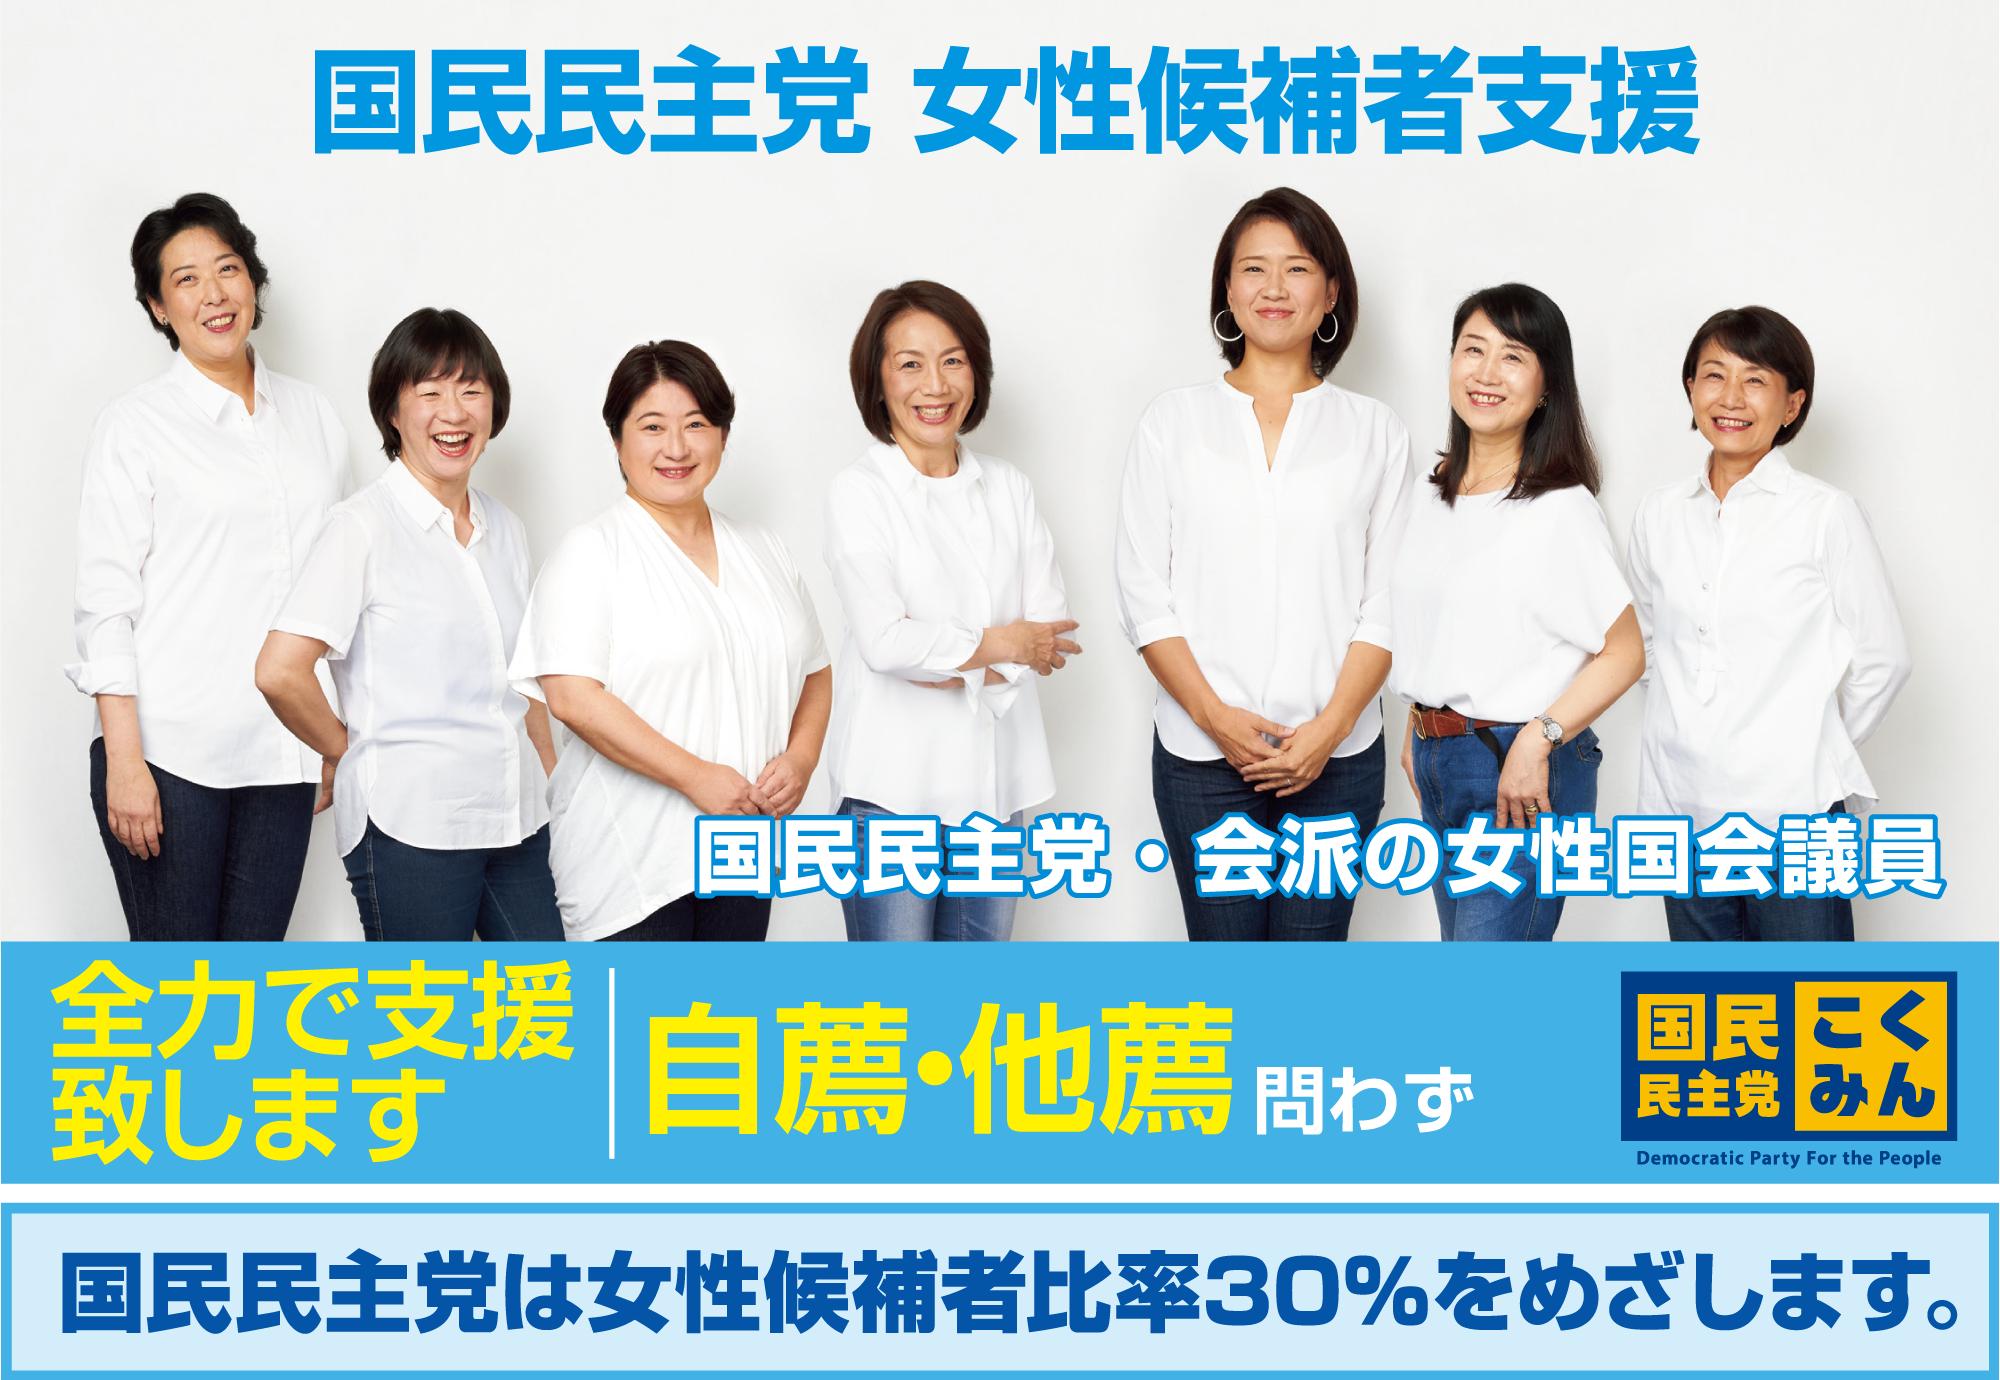 国民民主党女性候補者支援